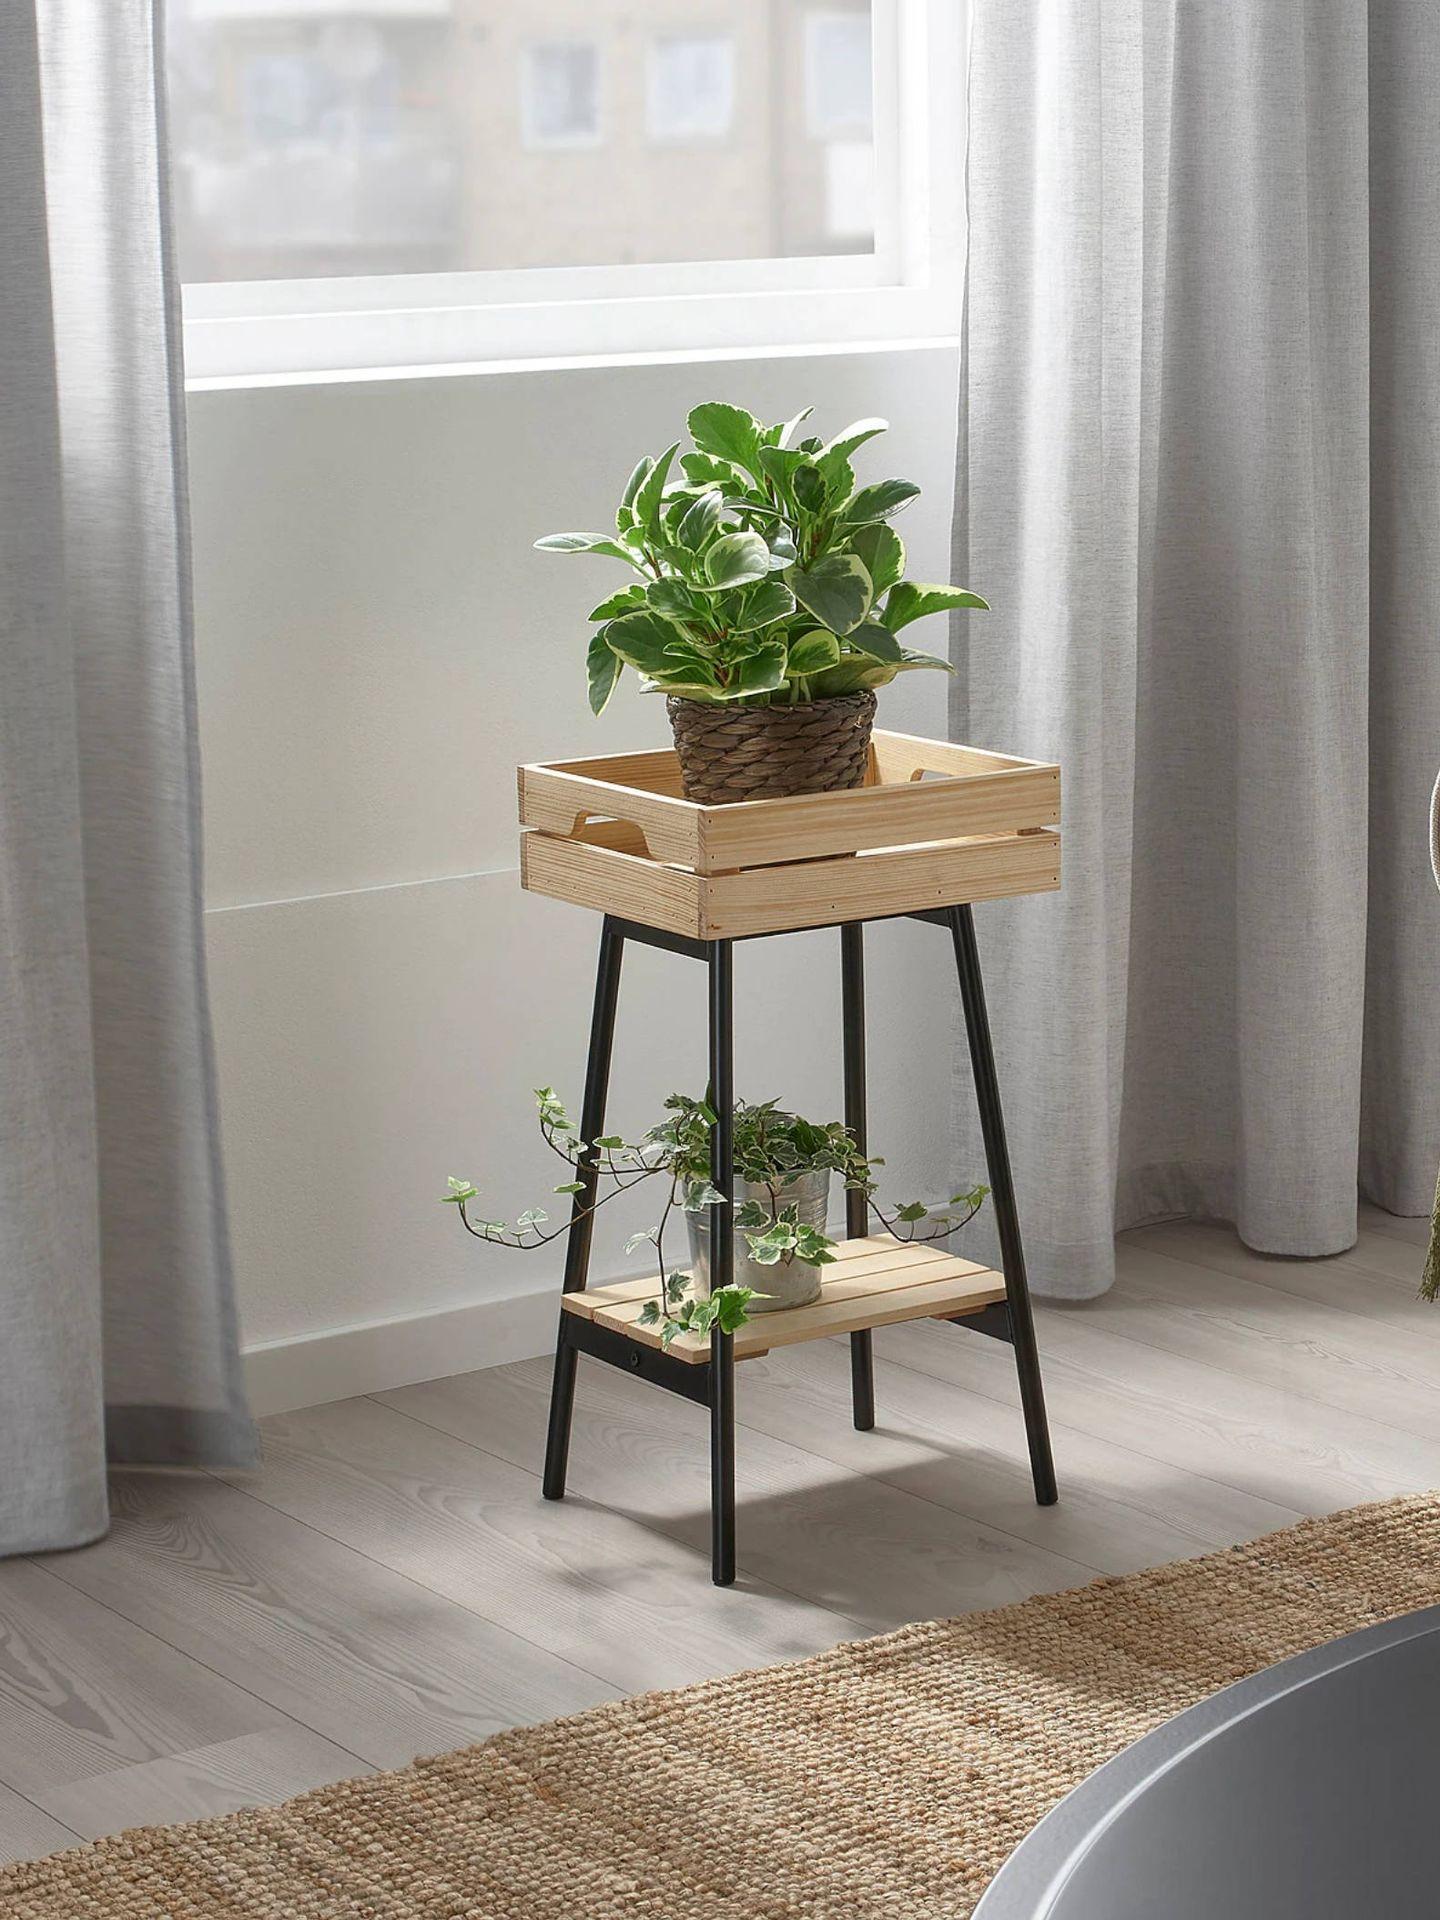 Soporte para macetas para tu jardín urbano de Ikea. (Cortesía)